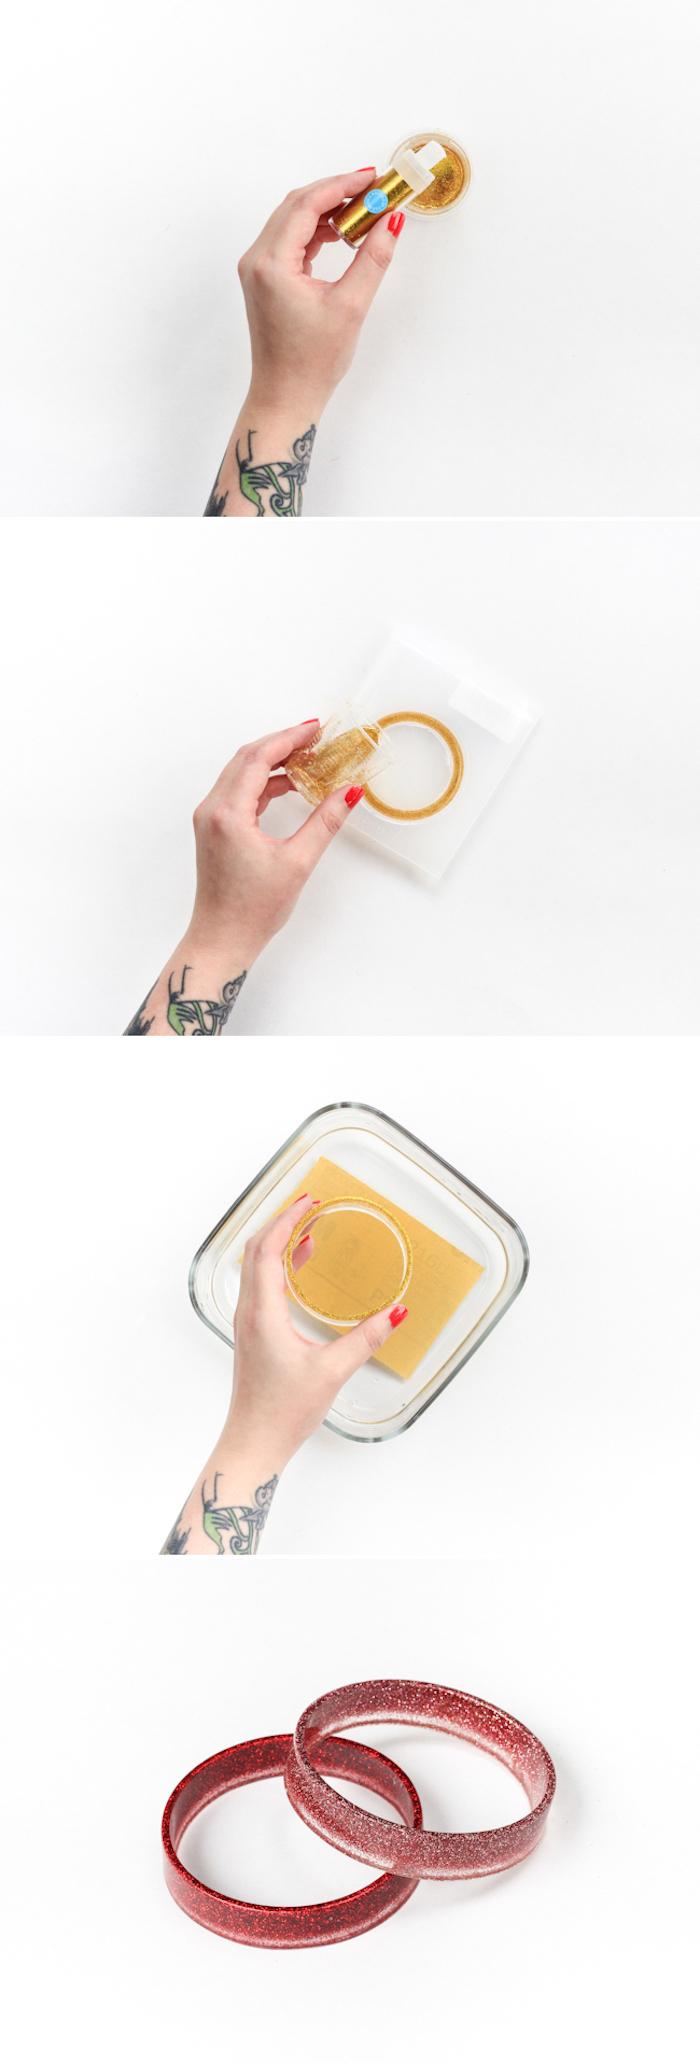 Glitter Armbänder selber machen, DIY Anleitung in vier Schritten, Idee für selbstgemachtes Geschenk